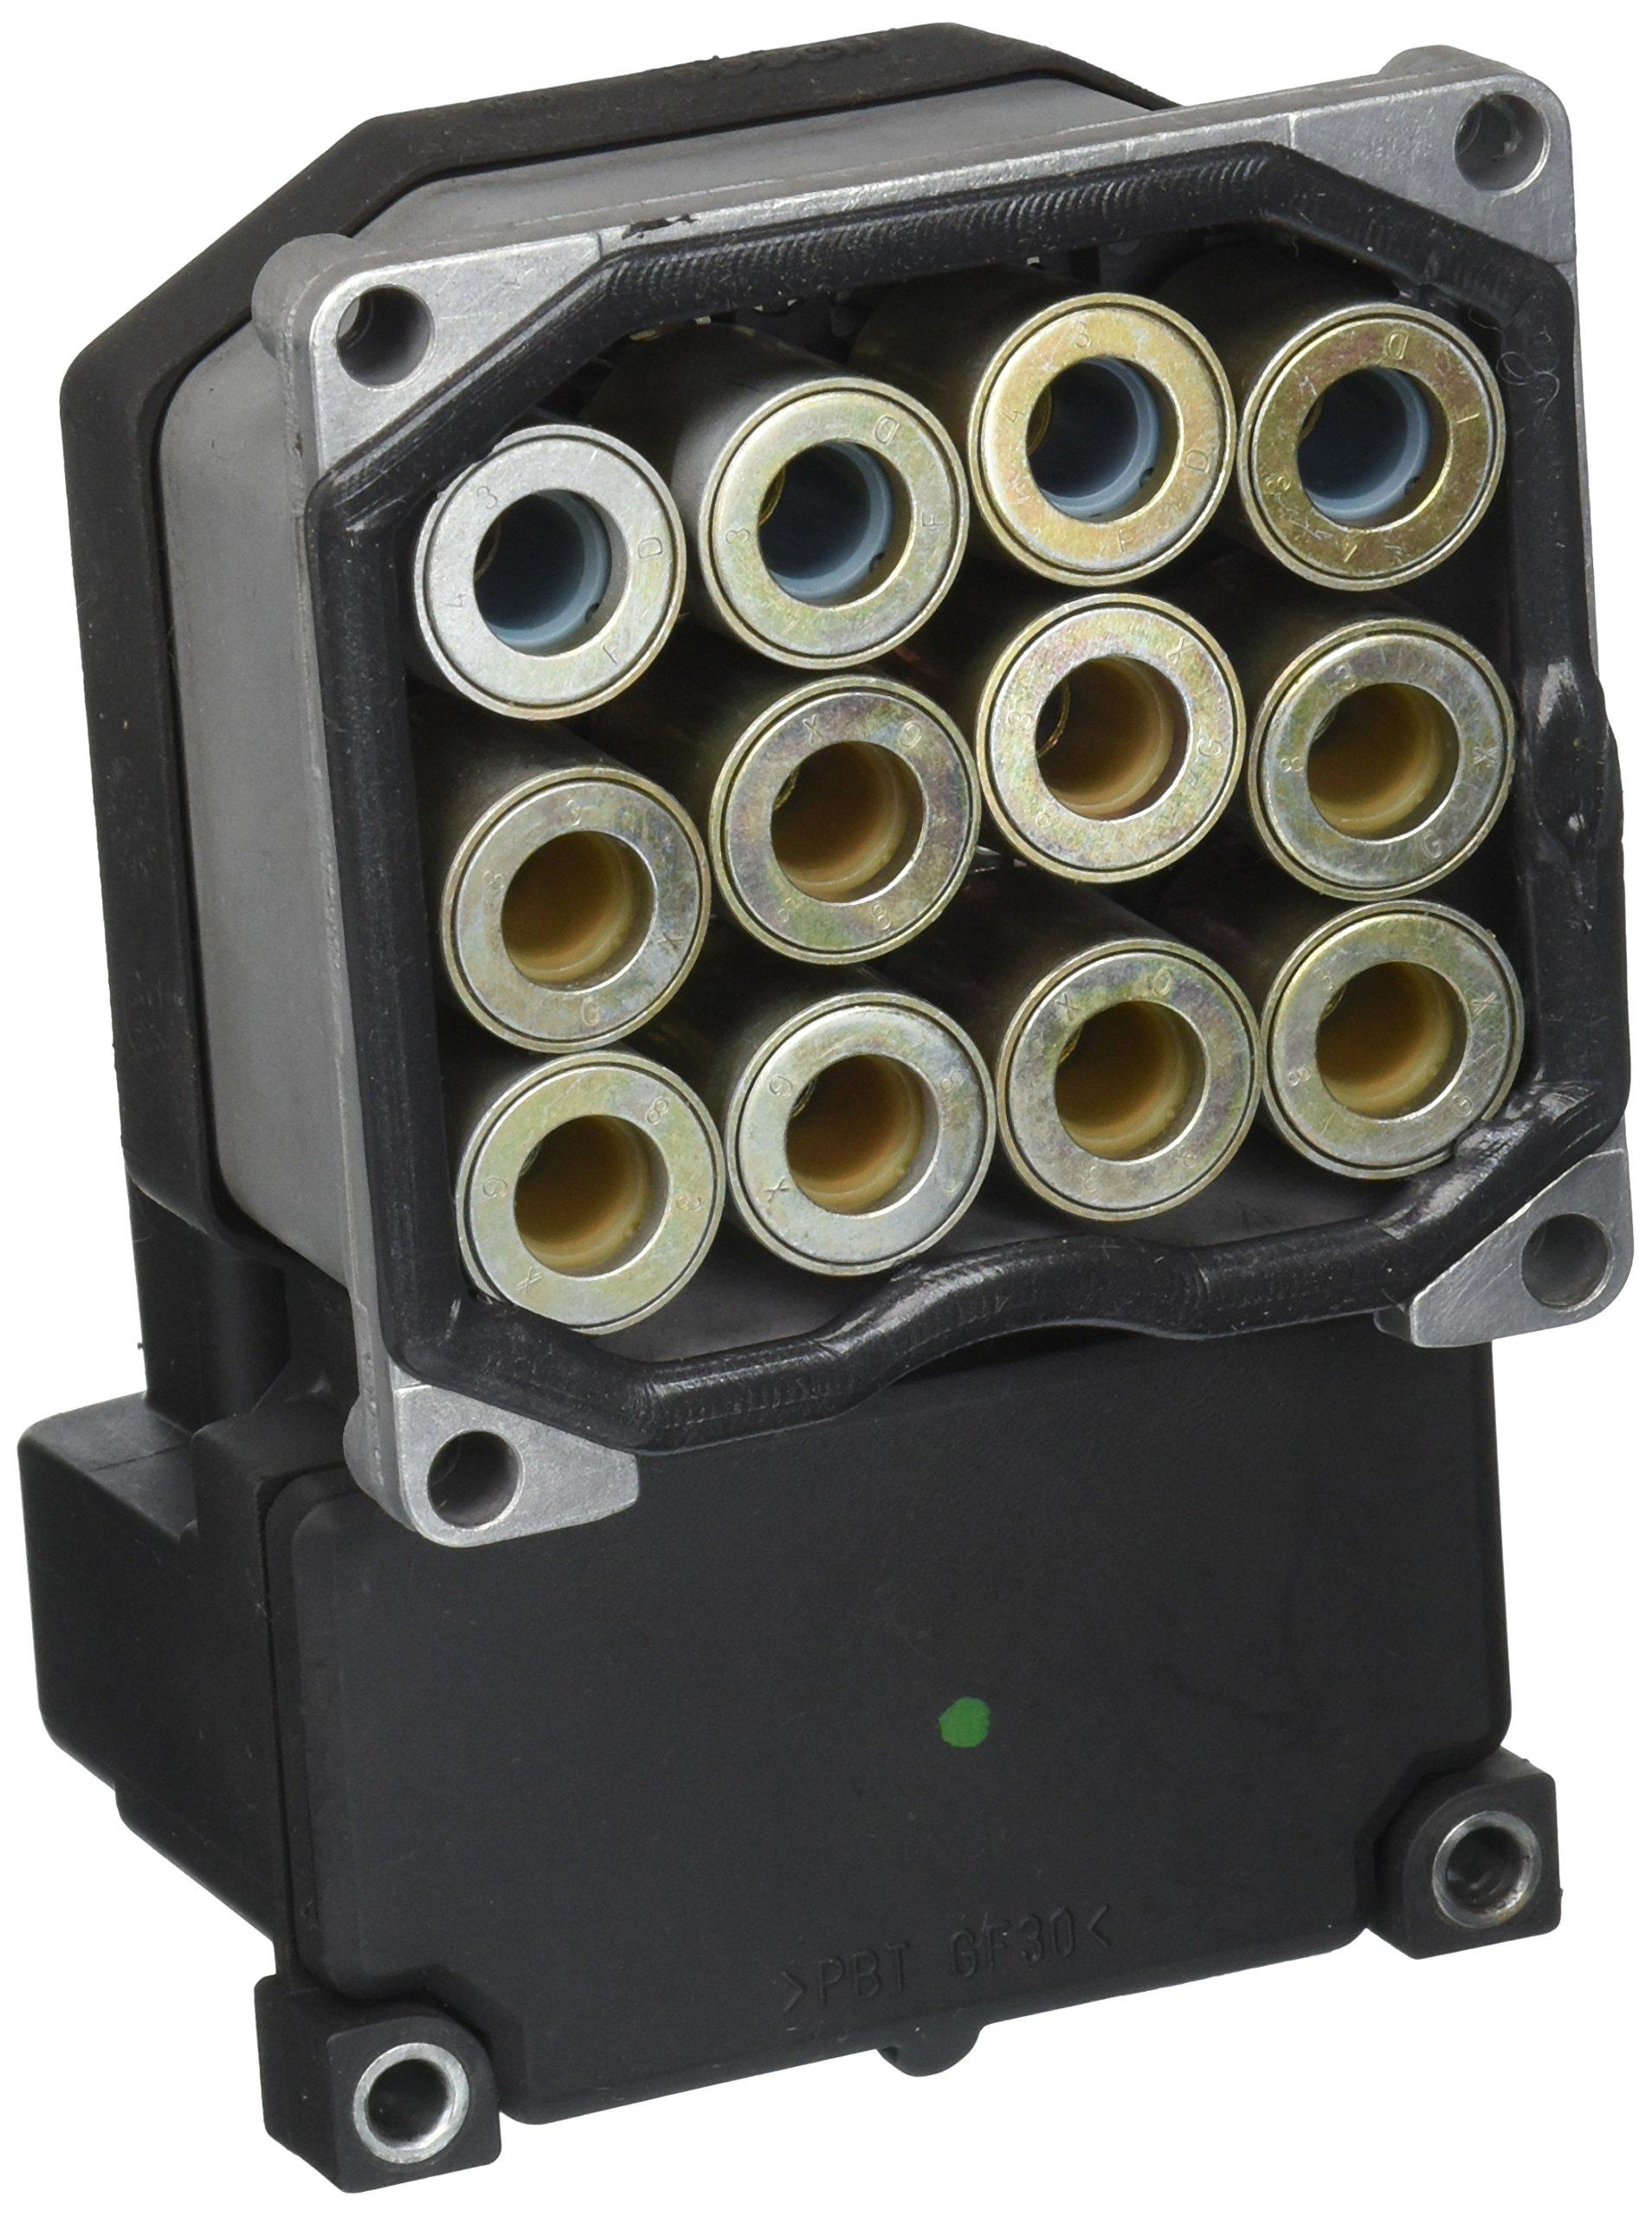 A1 Cardone 12-12205 ABS Control Module (Remanufactured Vw Passat 05-01)